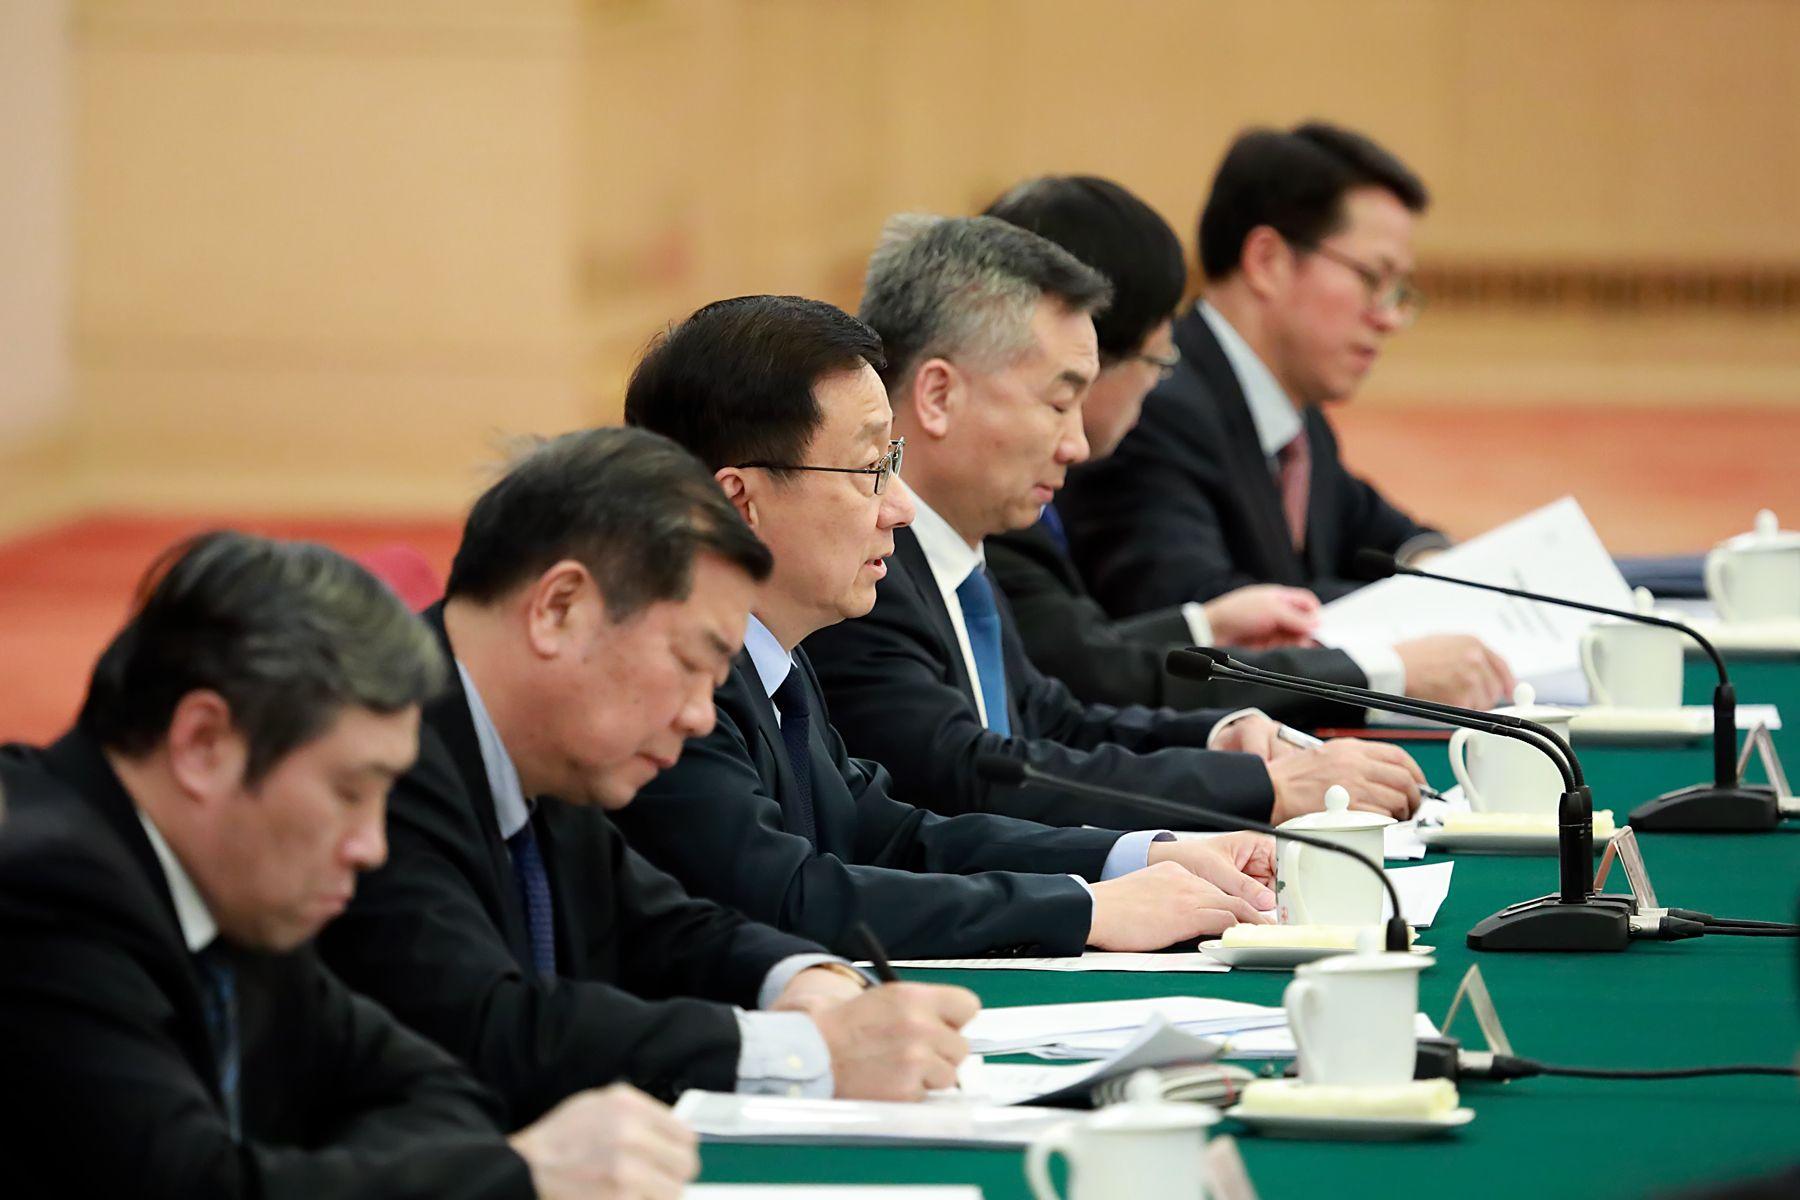 3月1日,粵港澳大灣區領導小組第二次全體會議在北京人民大會堂舉行。中央政治局常委、國務院副總理韓正主持會議並講話。